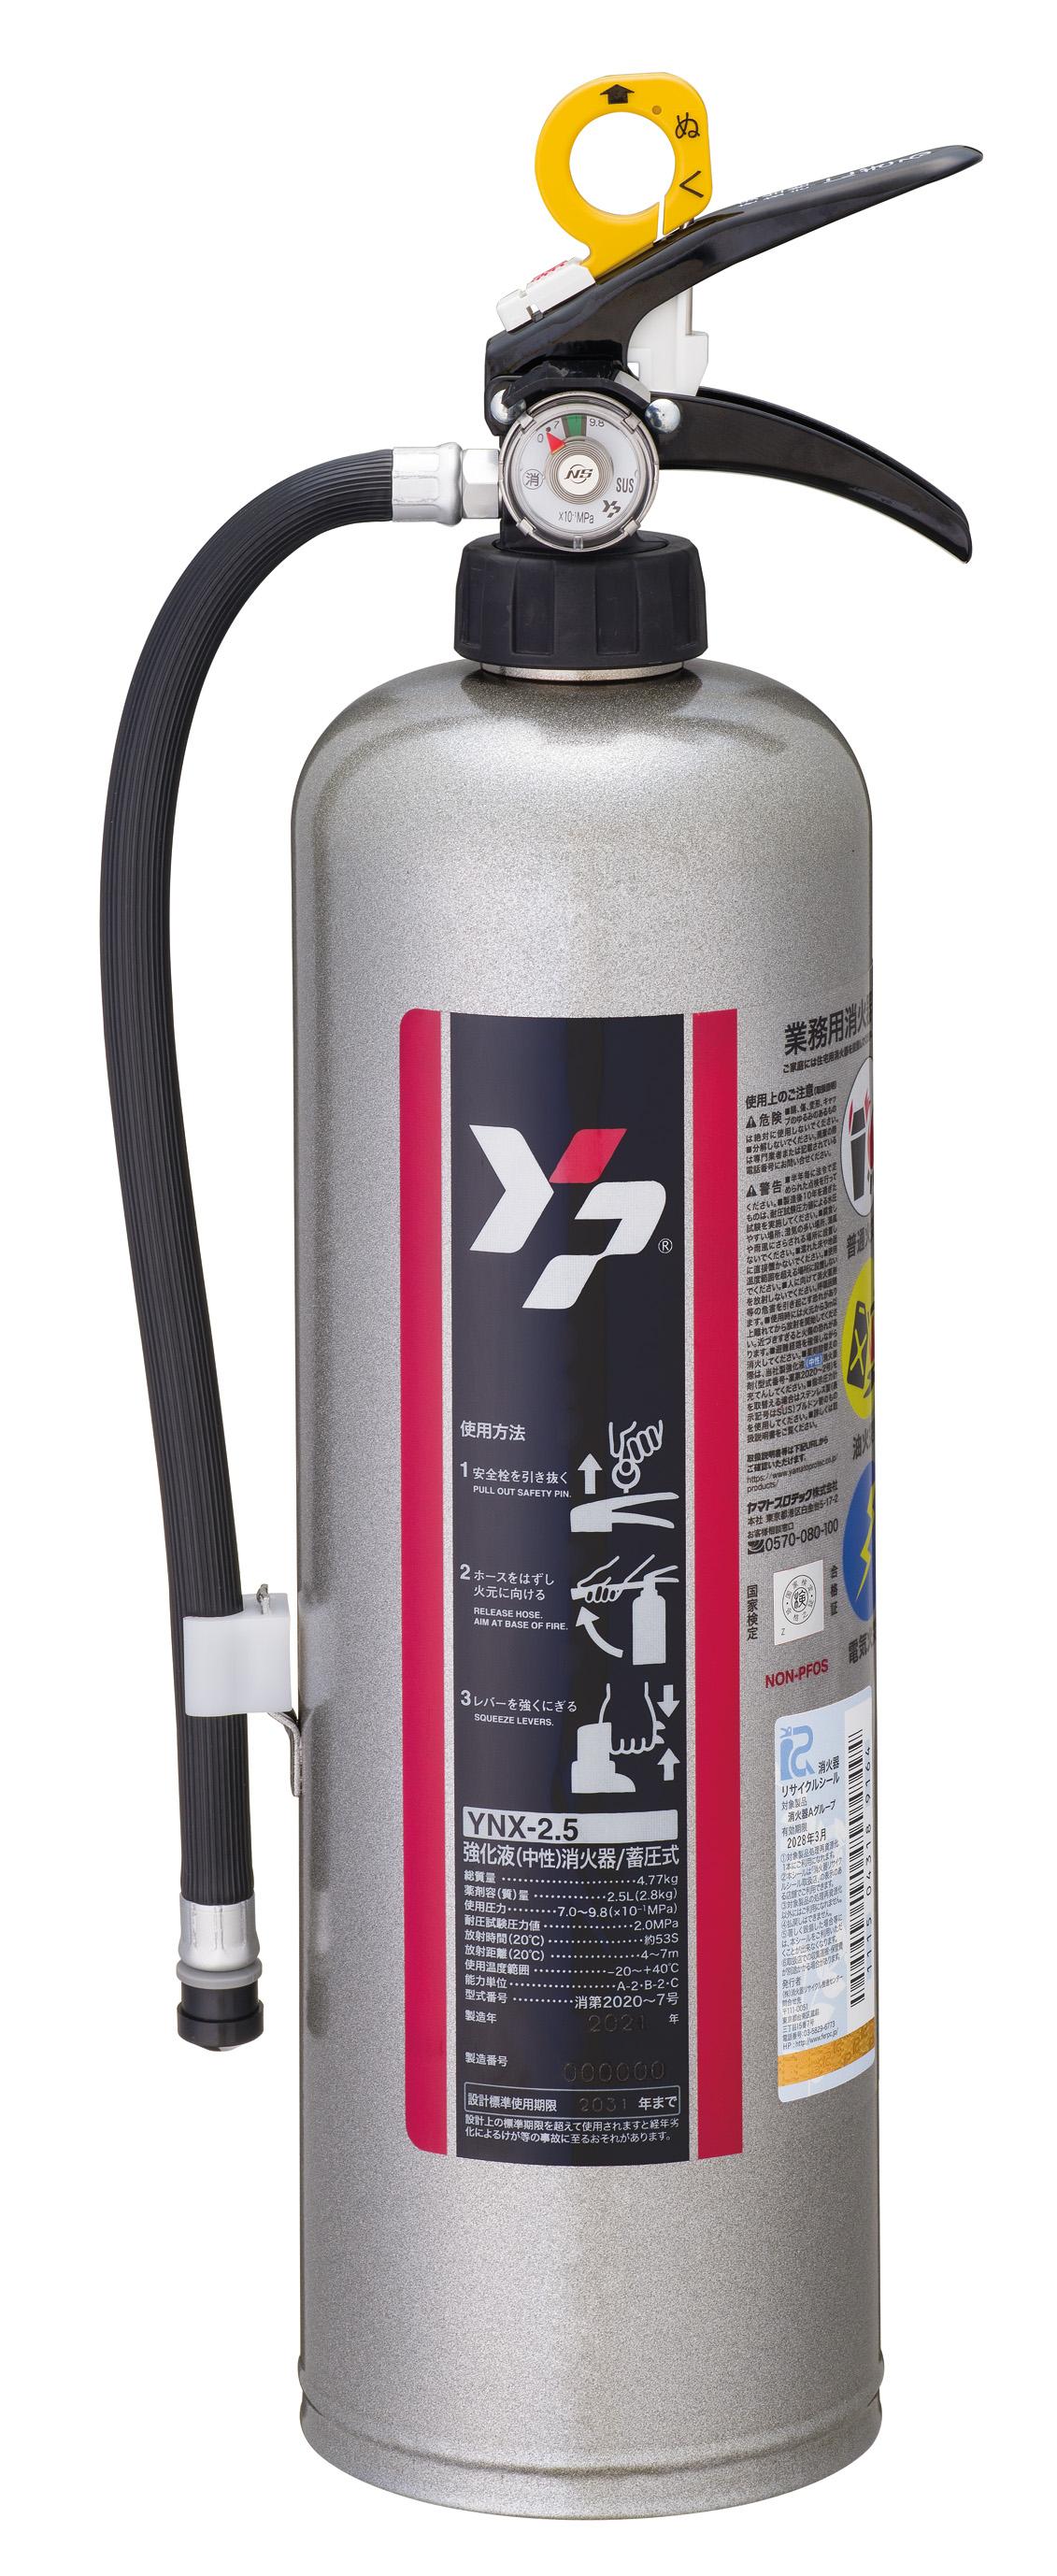 ハイパフォーマンス強化液(中性)消火器 YNX-2.5(プラチナシルバー)